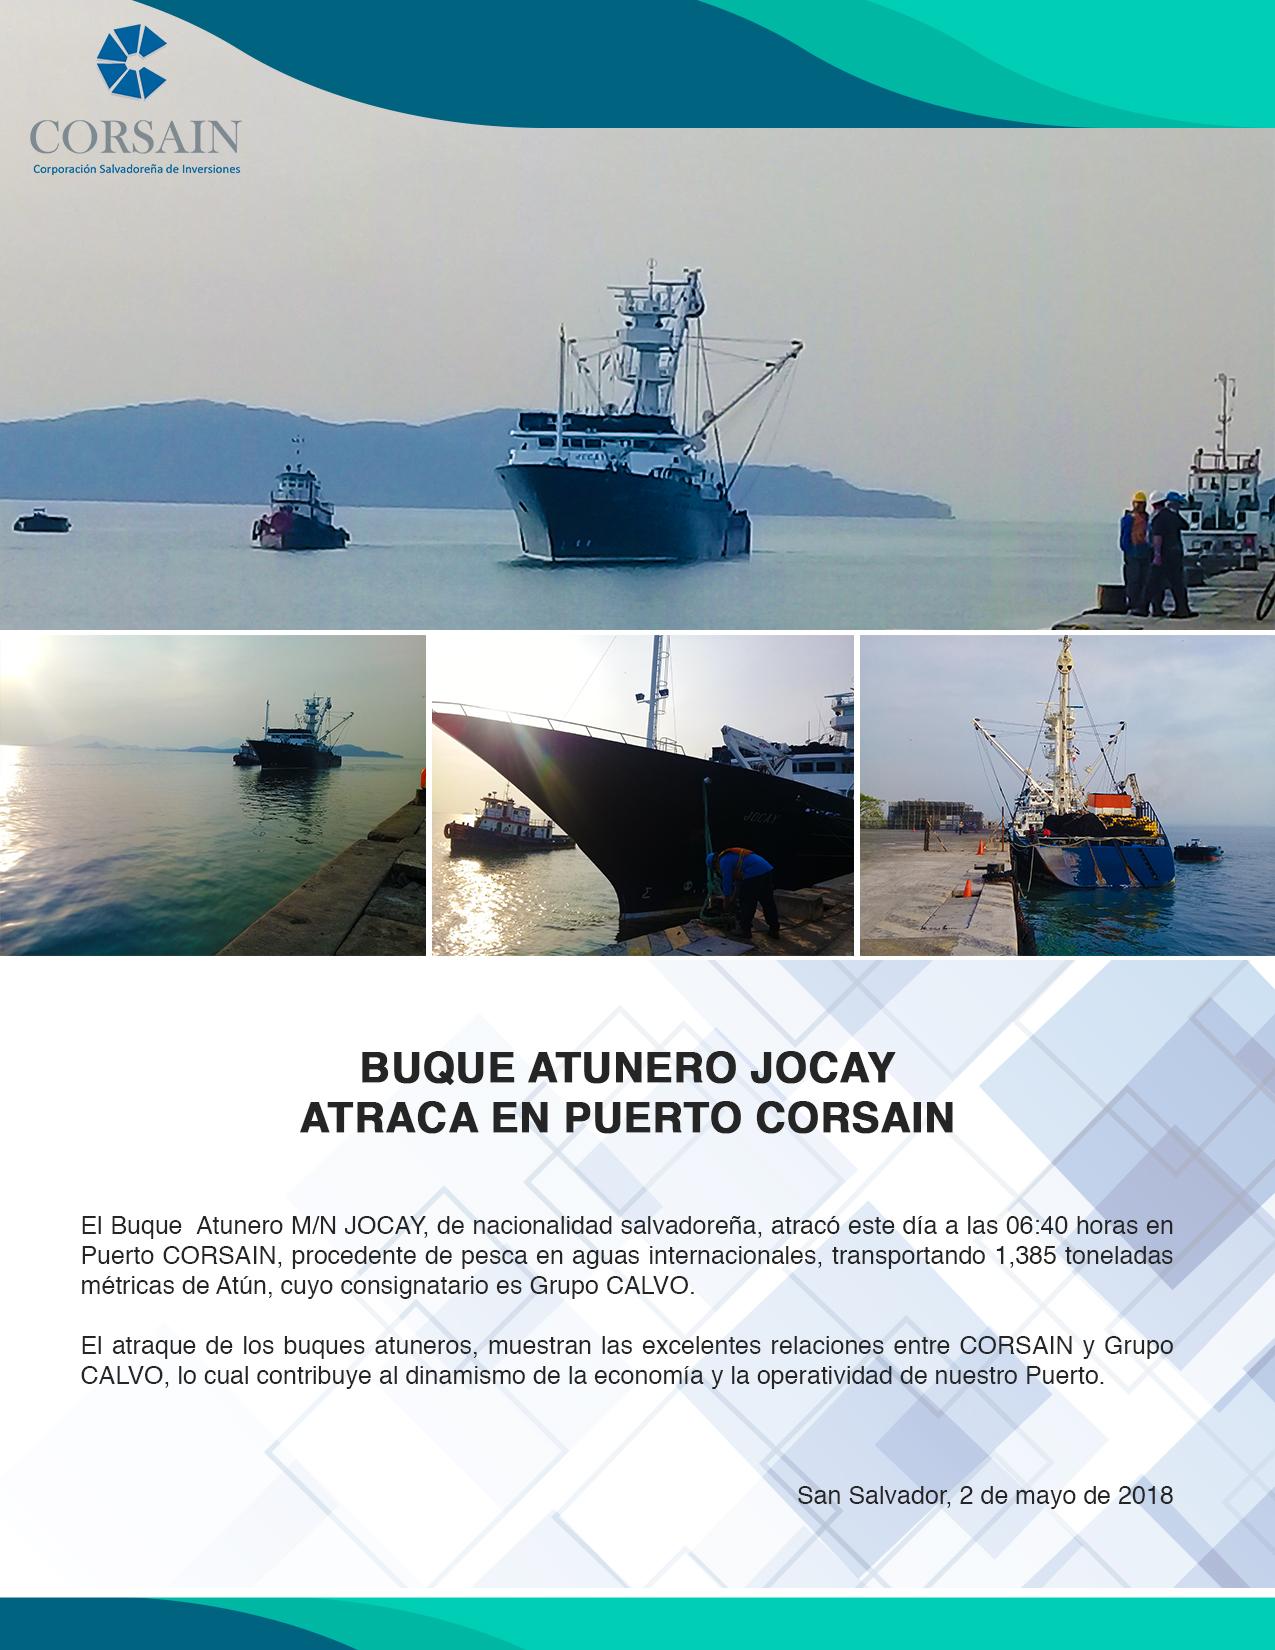 buque-atunero-jocay-atraca-en-puerto